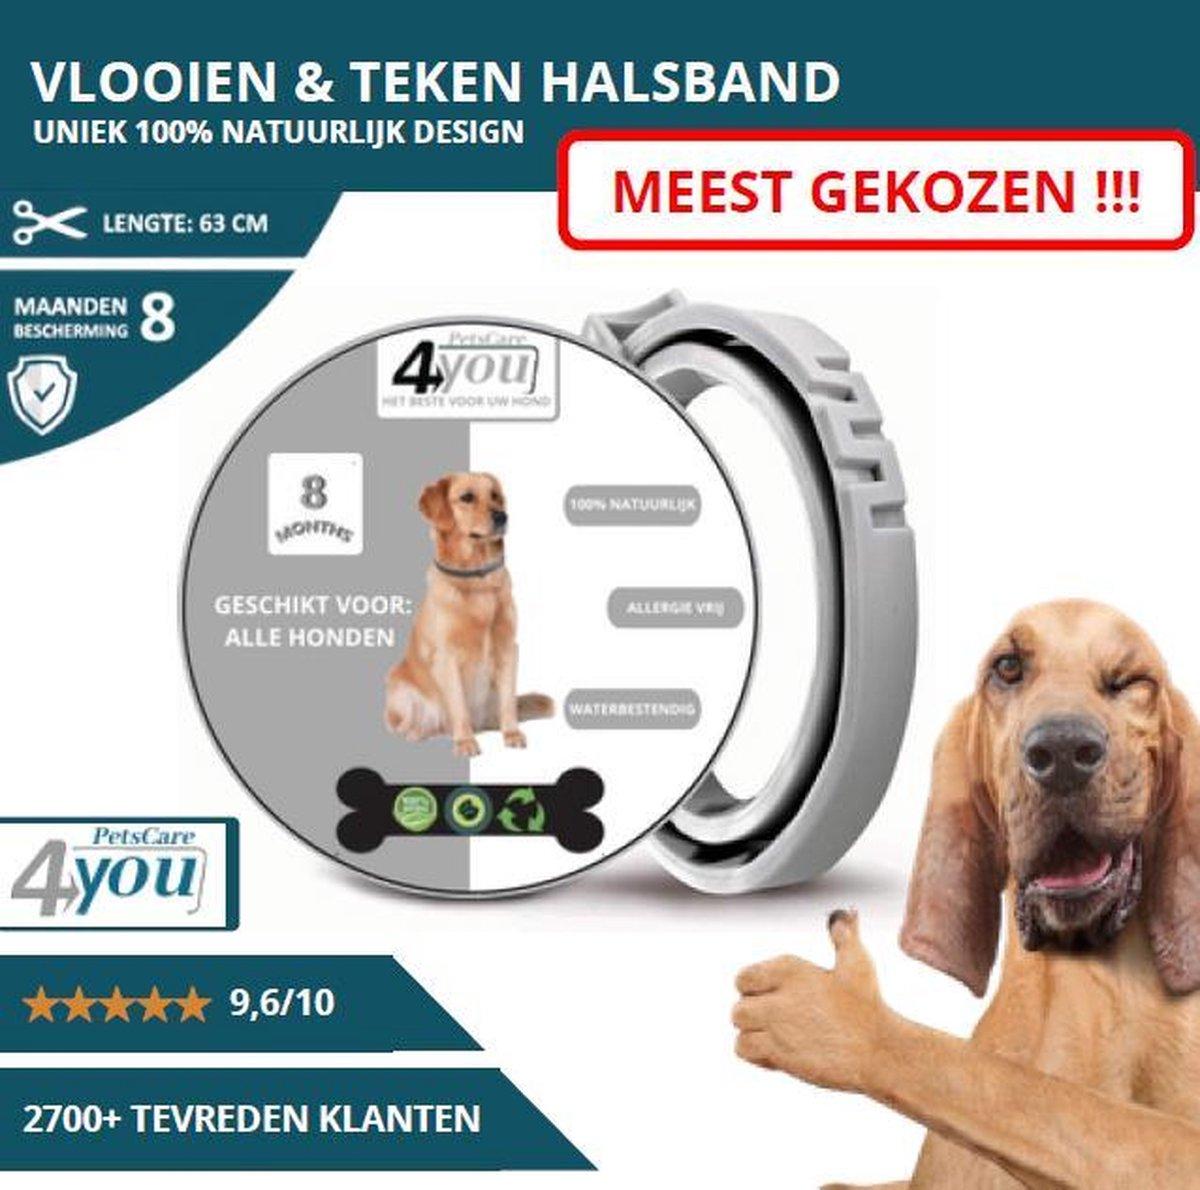 Vlooienband - beschermingsmiddel - 8 Maanden Bescherming - Alle Honden & Katten - Anti Vlooien en Te